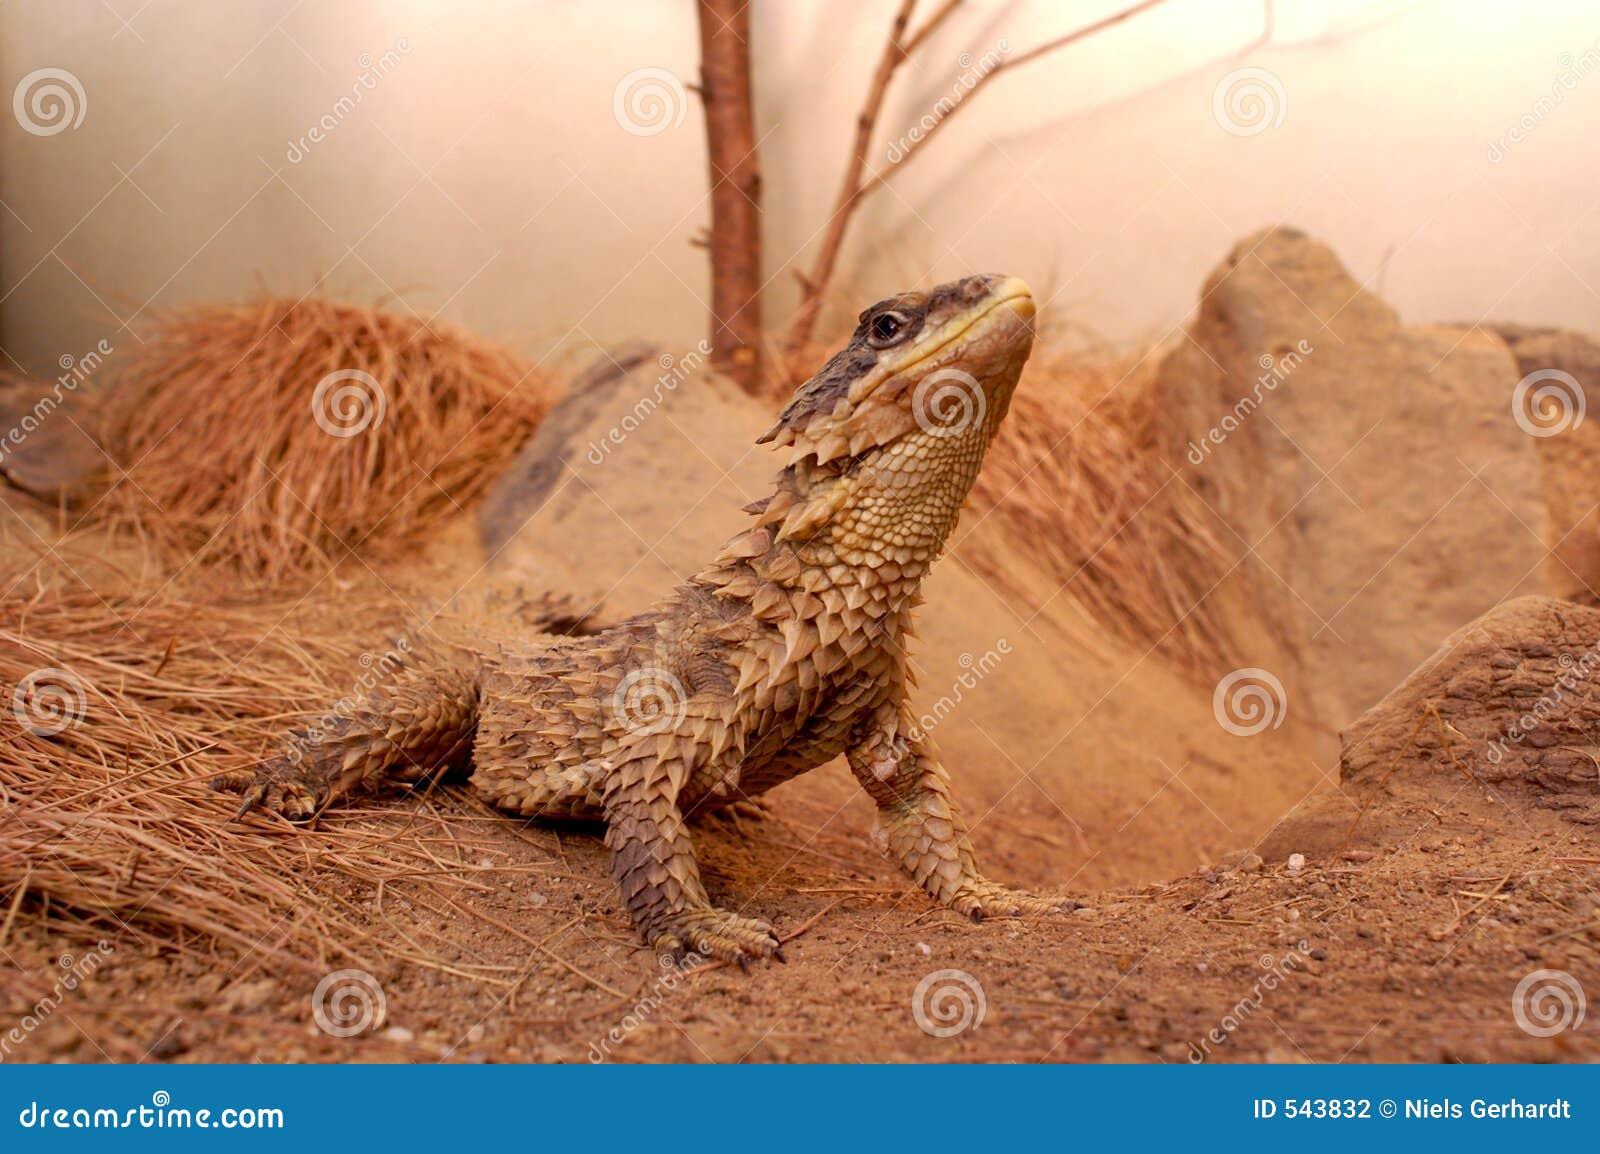 Download 蜥蜴 库存照片. 图片 包括有 野生生物, 墨西哥, 蜥蜴, 户外, 沙漠, 海岛, 滑稽, 舌头, 旅行, 爬行动物 - 543832